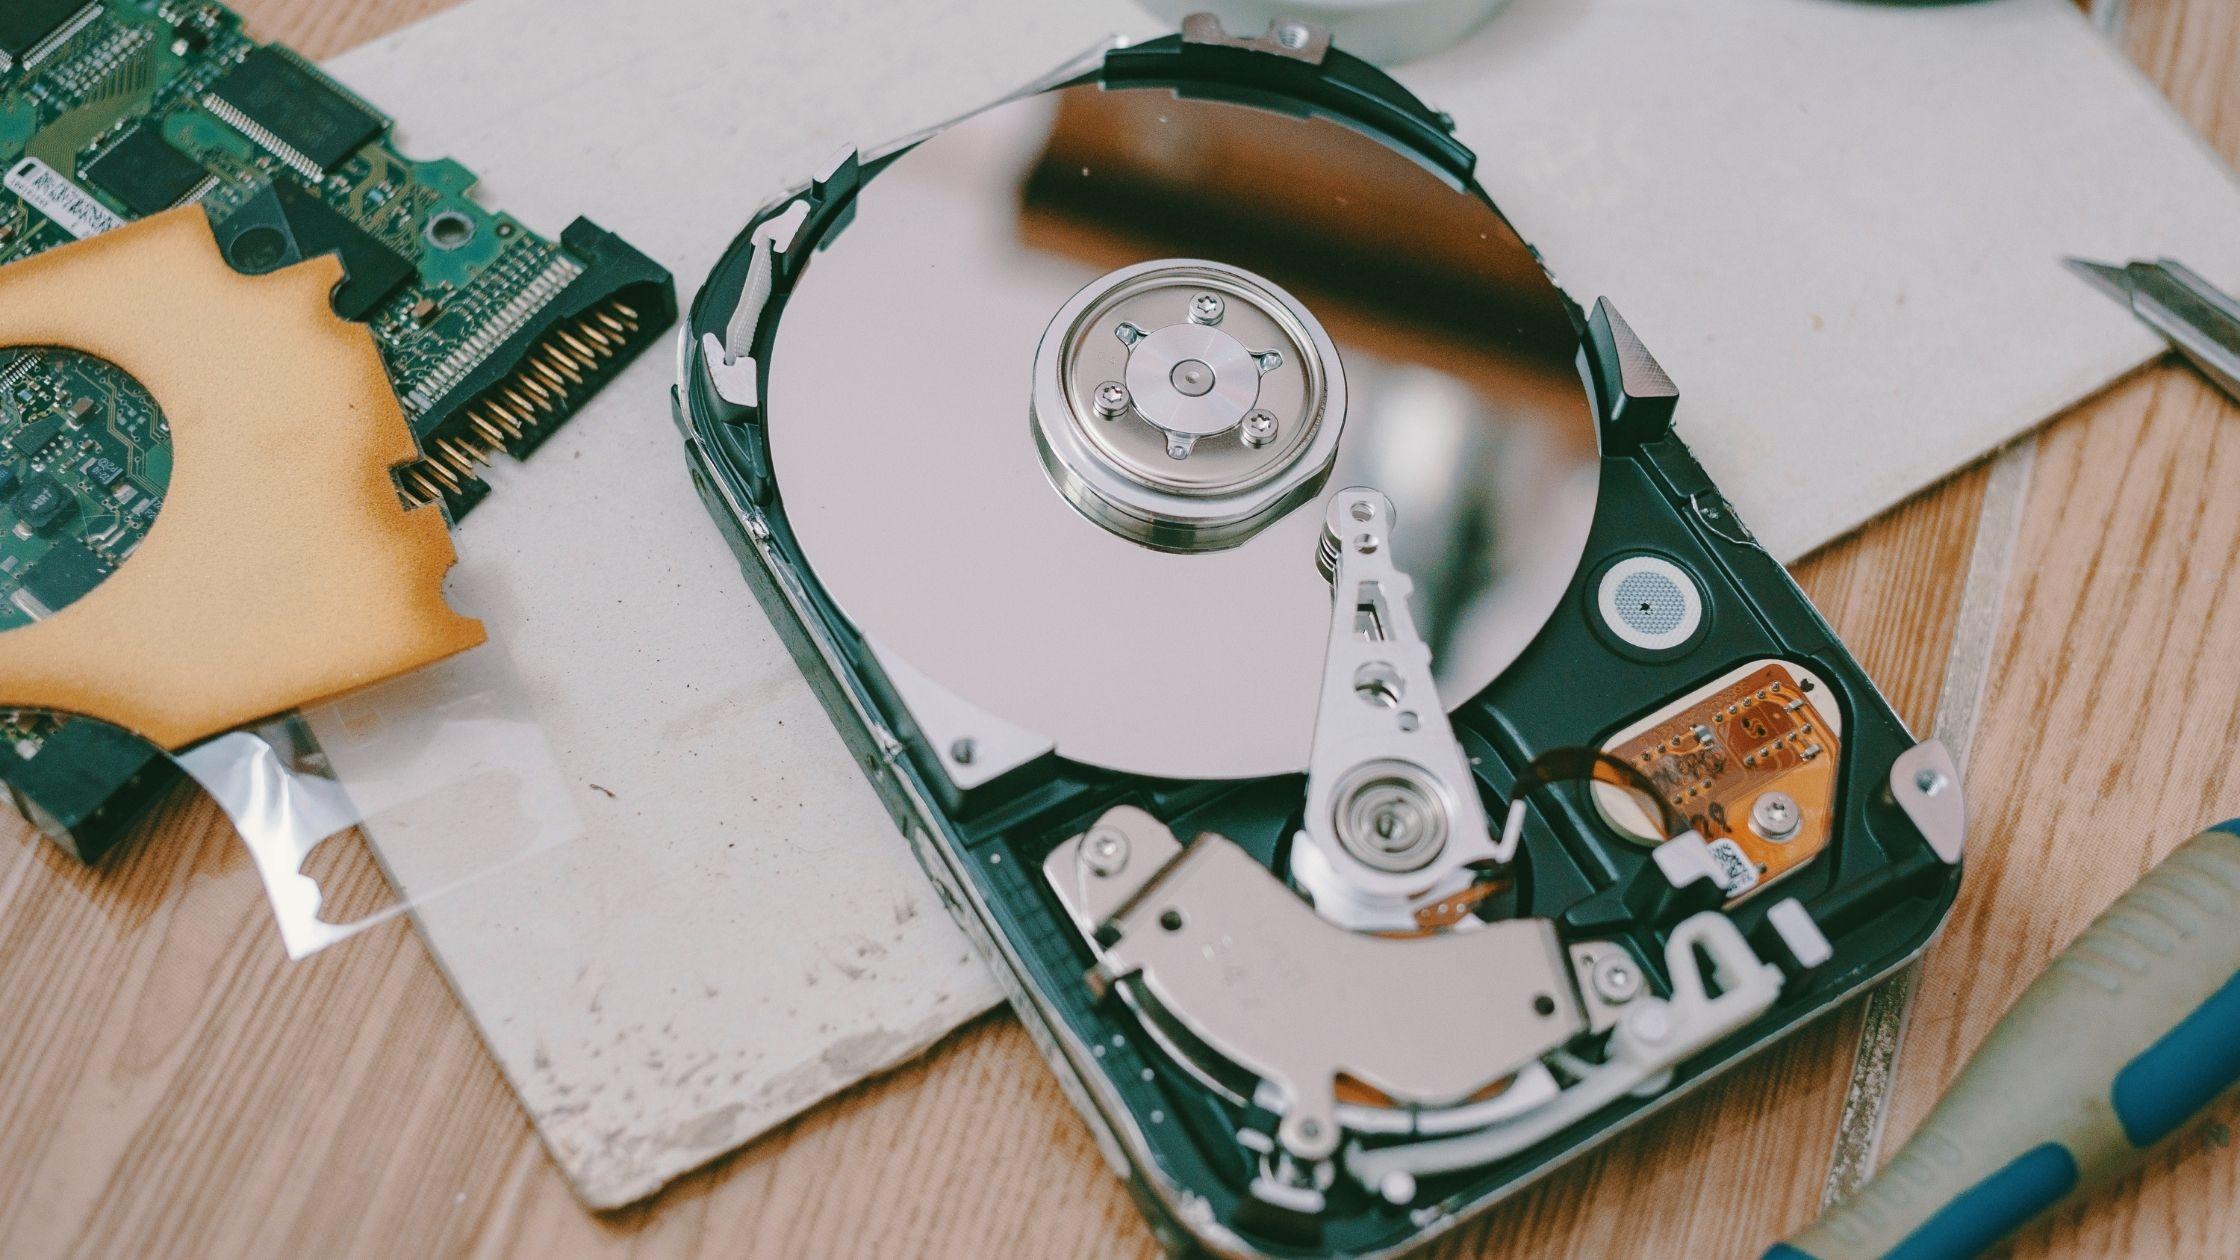 hardisk-rusak-data-hilang-computory